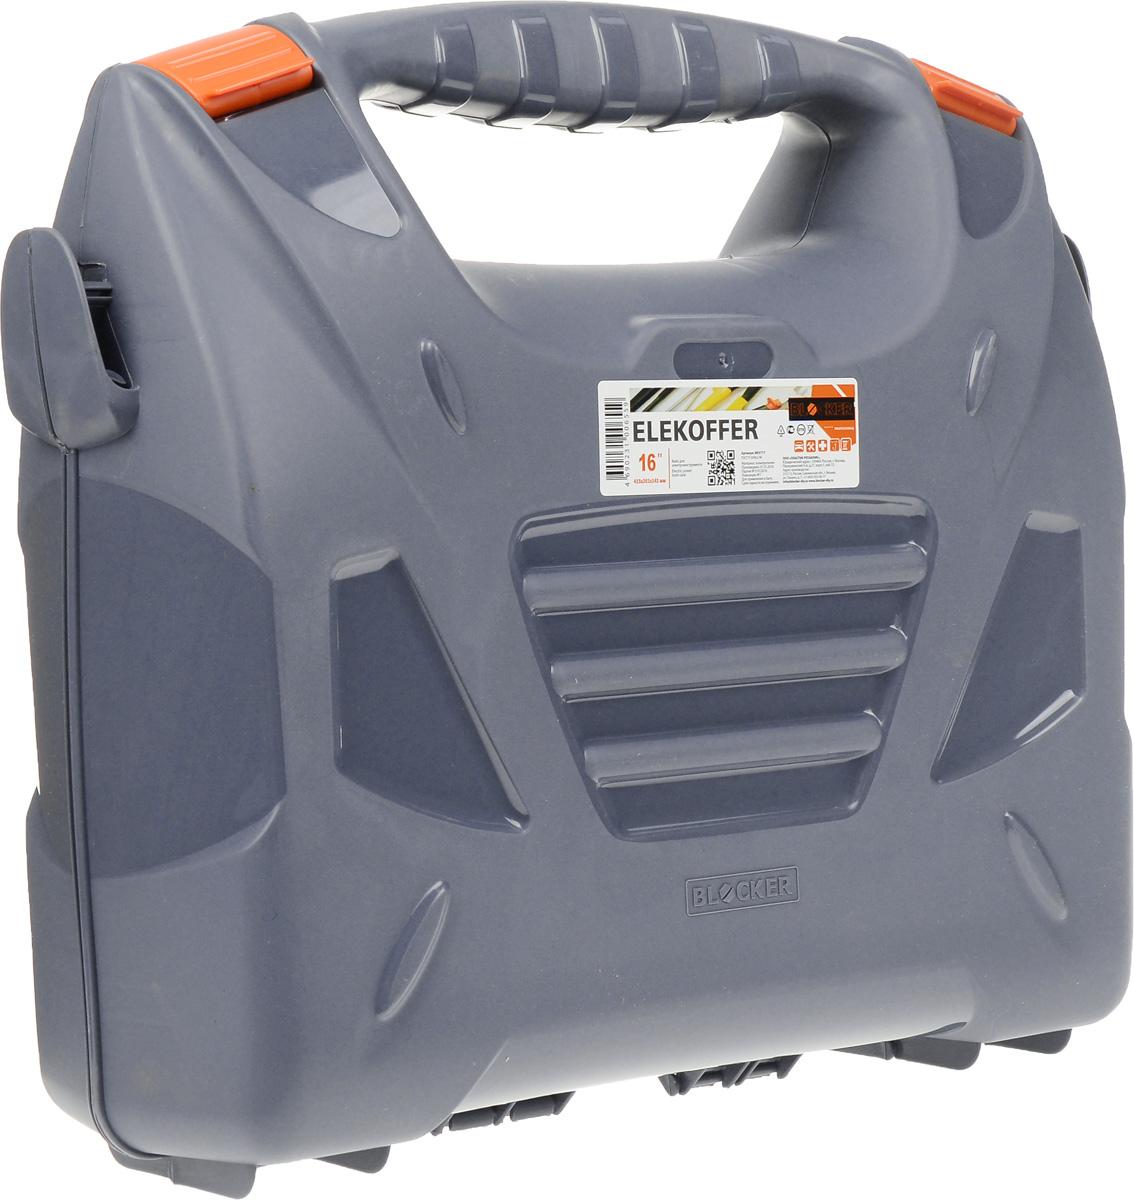 Кейс для электроинструмента Blocker Elekoffer, цвет: серый, оранжевый, 41,5 х 36,1 х 14,1 смBR3717СРСВОРКейс Blocker Elekoffer выполнен из полипропилена. Оптимальная форма подходит для размещения большинства известных домашних электроинструментов: дрели, угловой шлифовальной машины (болгарки), электролобзика, шуруповерта и многого другого. Имеются боковые зацепы для наплечного ремня.